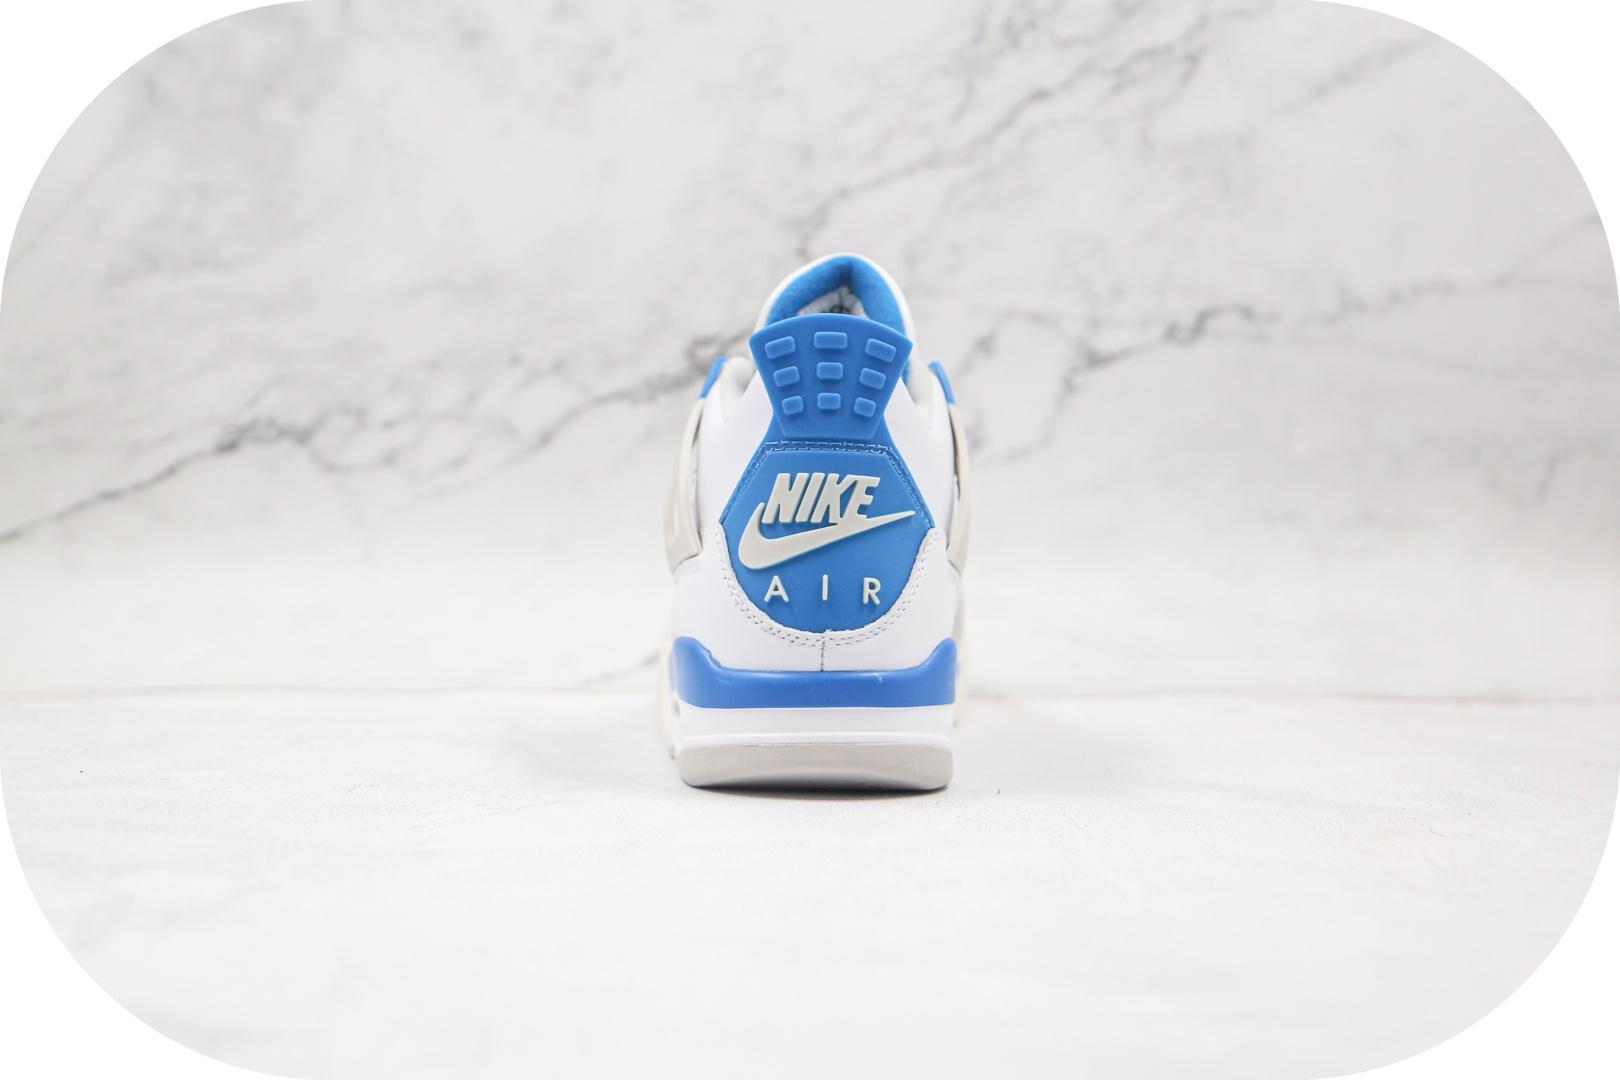 乔丹Air Jordan 4纯原版本高帮AJ4白蓝配色篮球鞋正确鞋面头层皮革原盒原标 货号:308497-105